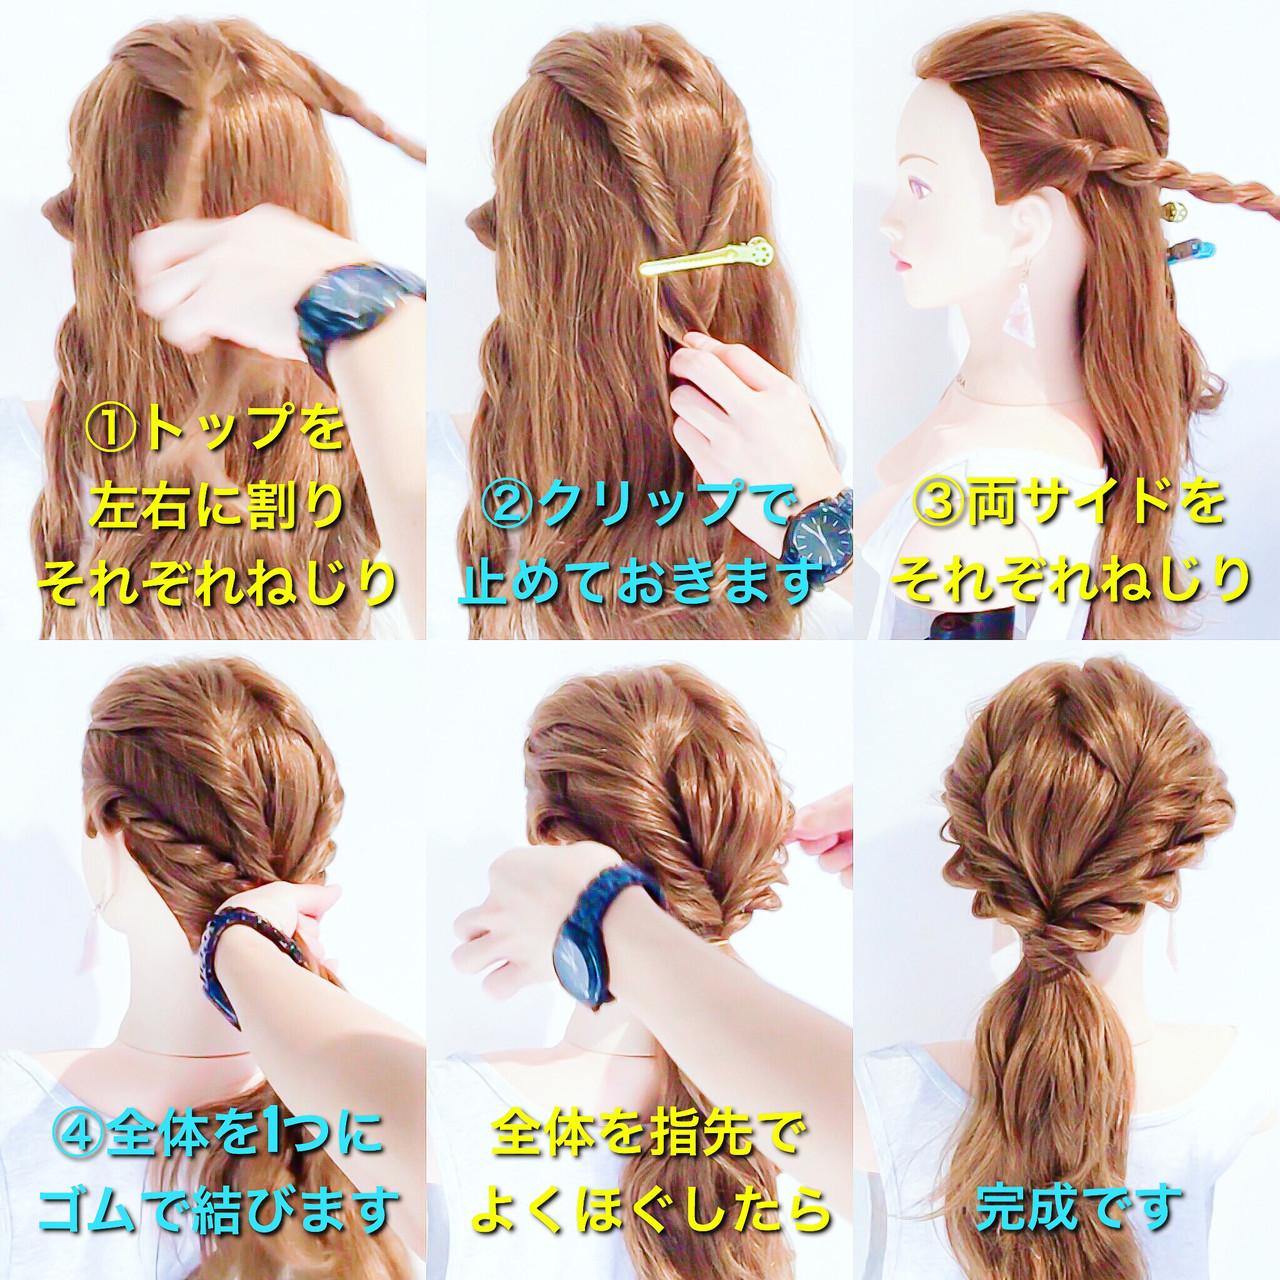 簡単ヘアアレンジ エレガント セルフアレンジ ローポニーテール ヘアスタイルや髪型の写真・画像 | 美容師HIRO/Amoute代表 / Amoute/アムティ